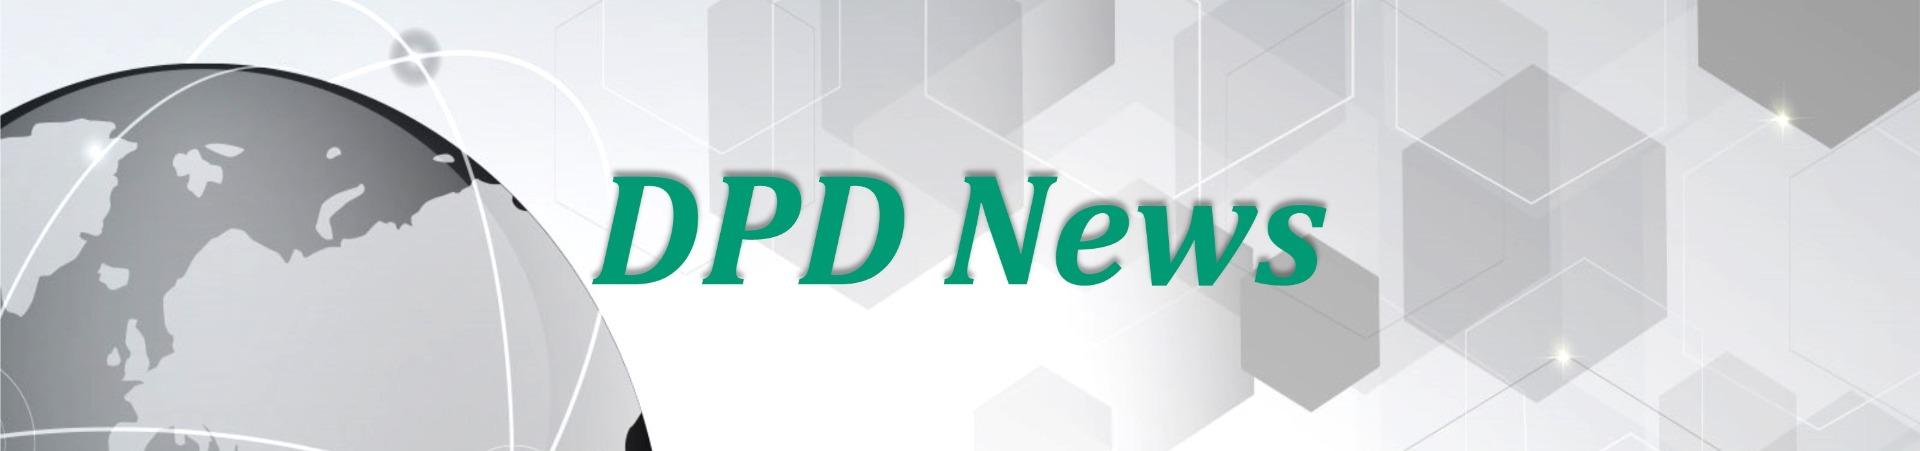 Delphi News